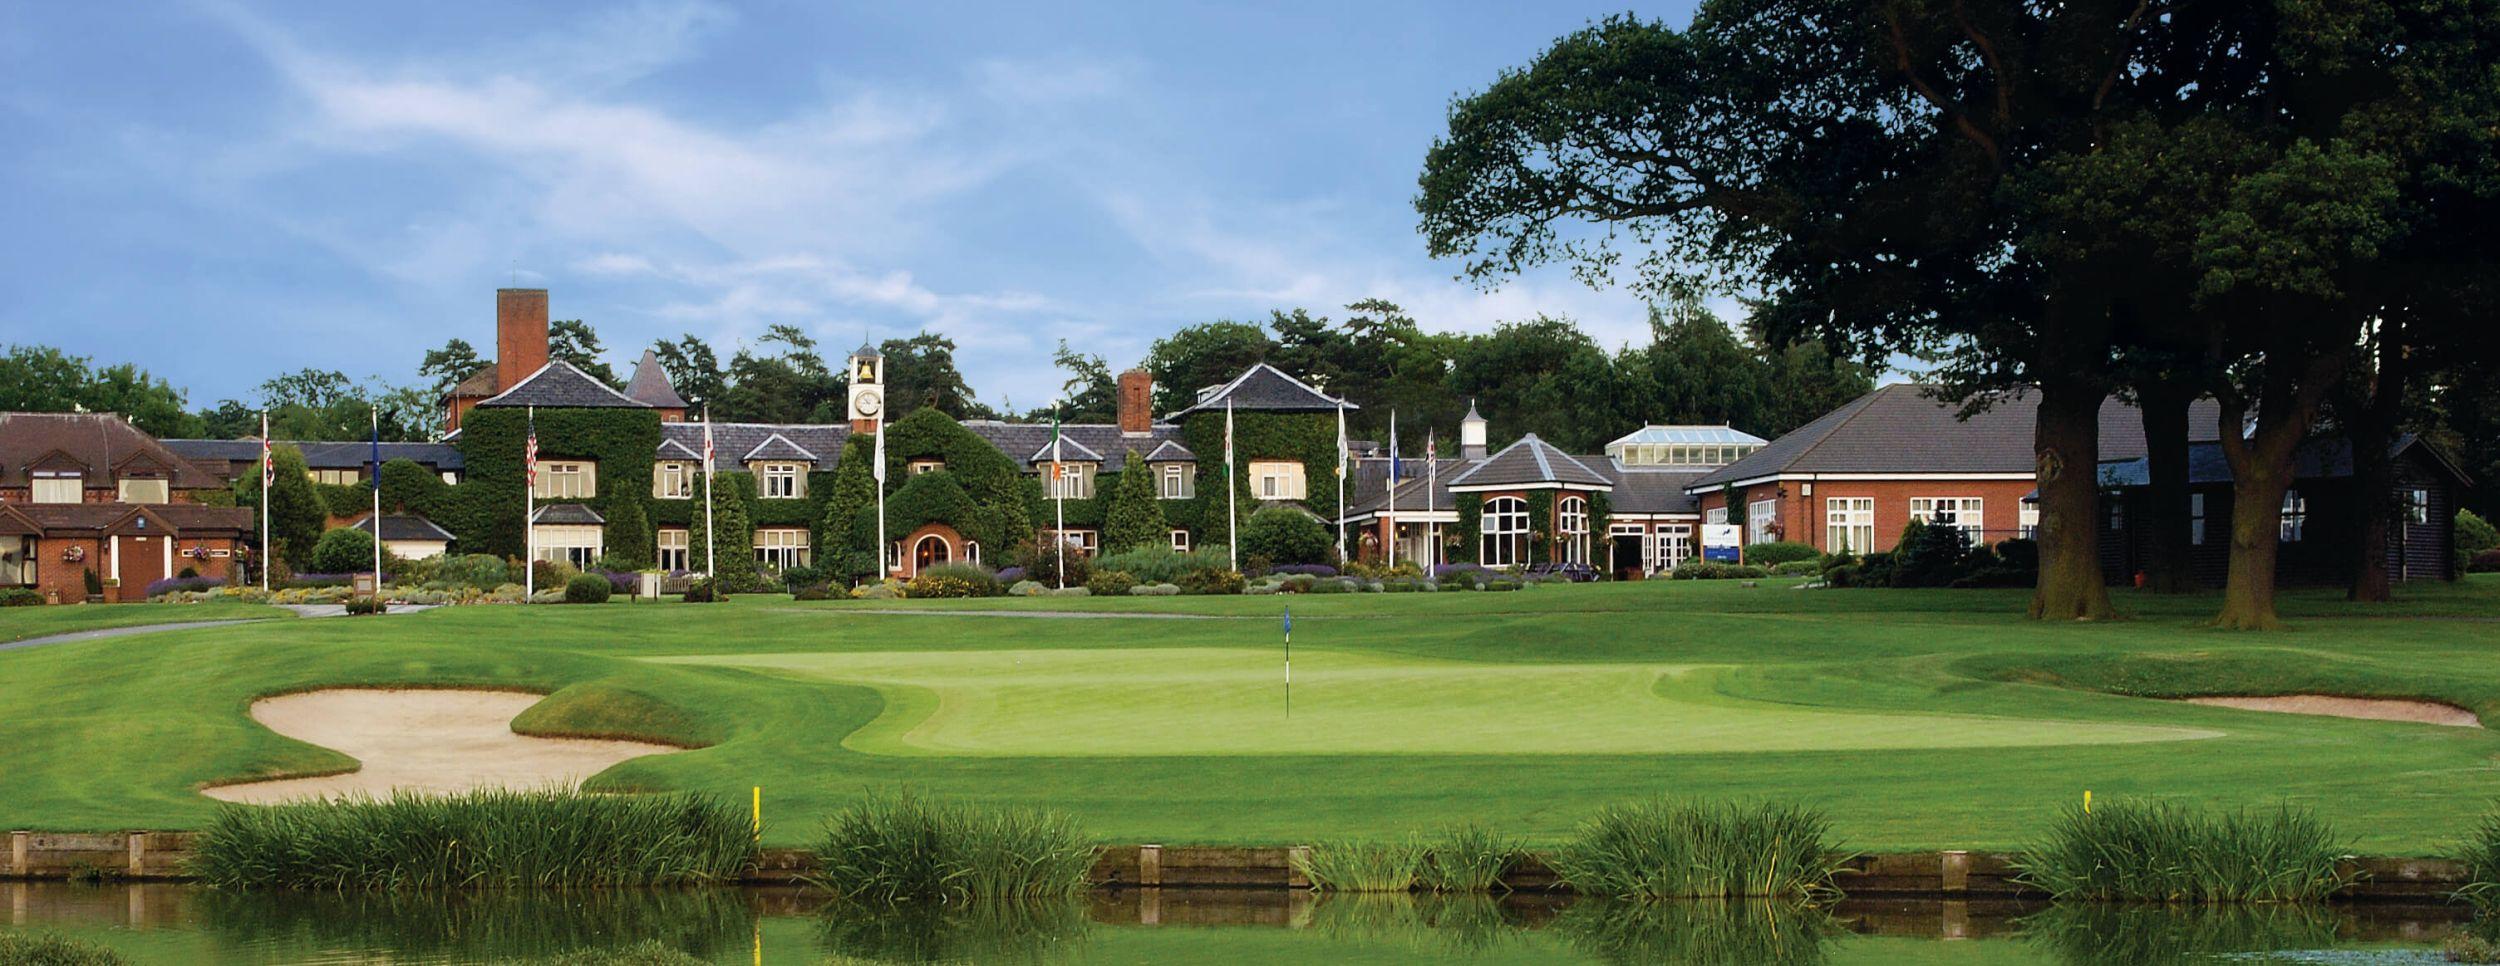 golf-expedition-golfreizen-engeland-heerlijk-golfen-mooiste-golfbanen